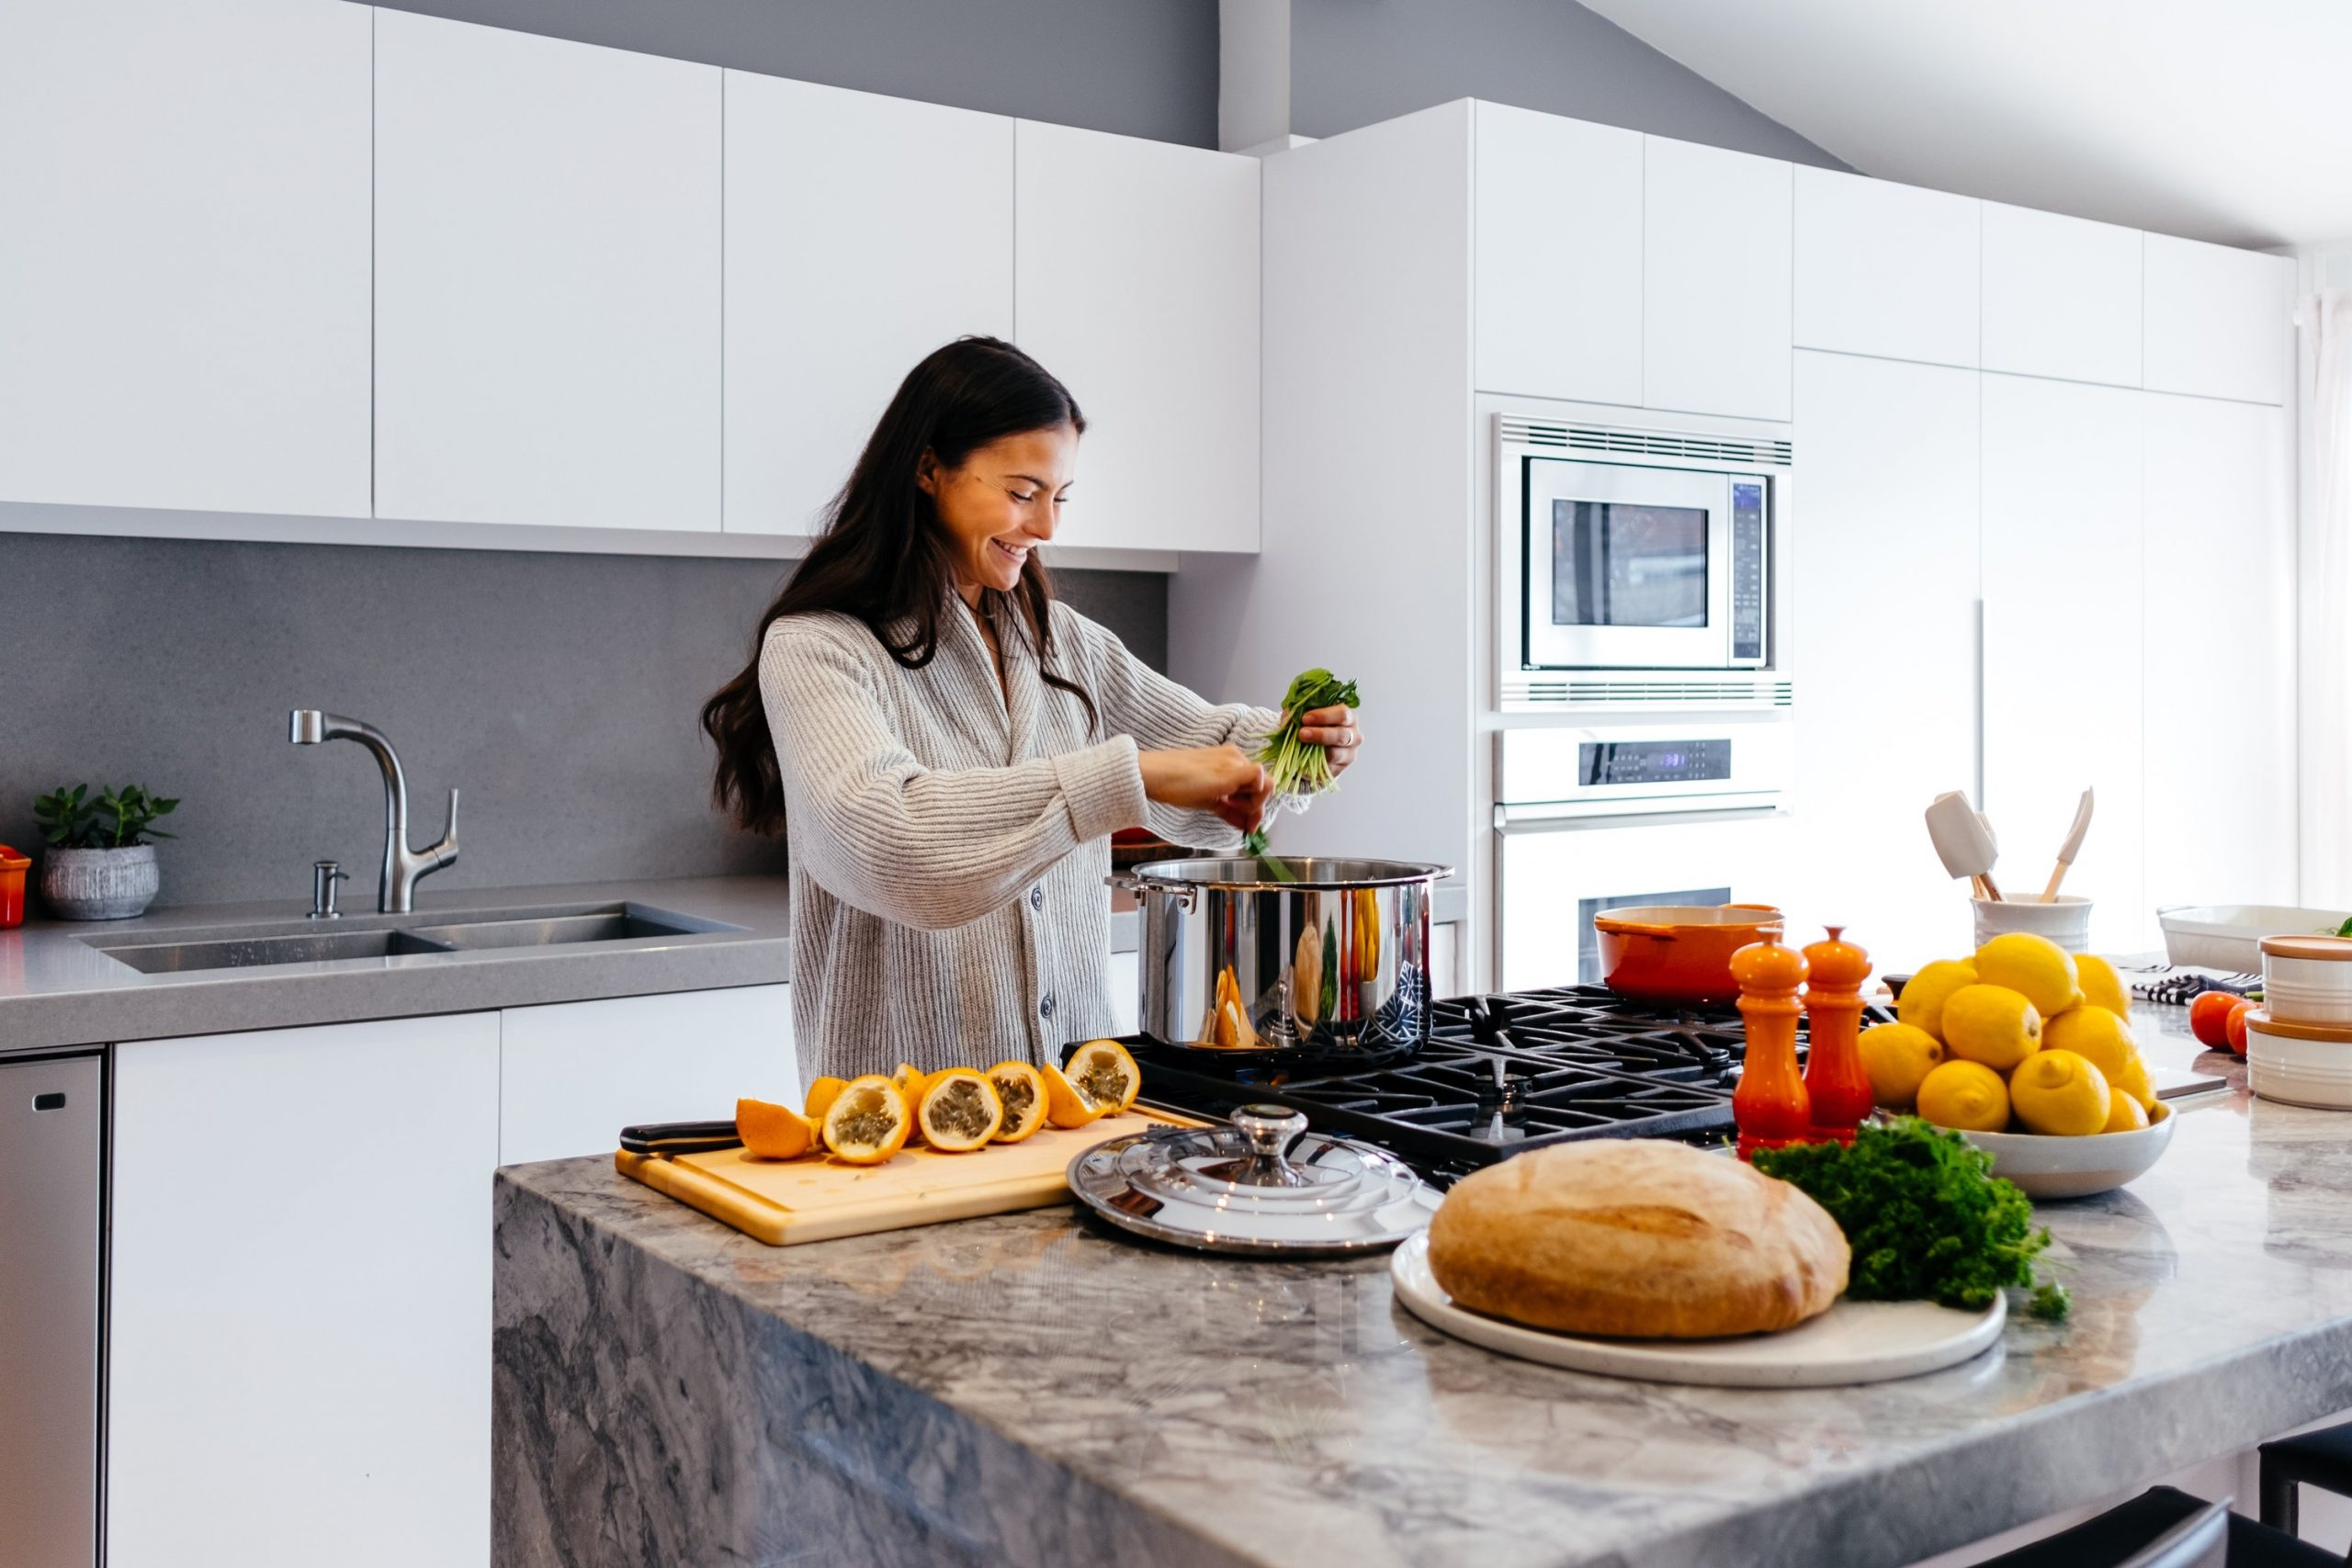 zena u kuhinji-slowage365